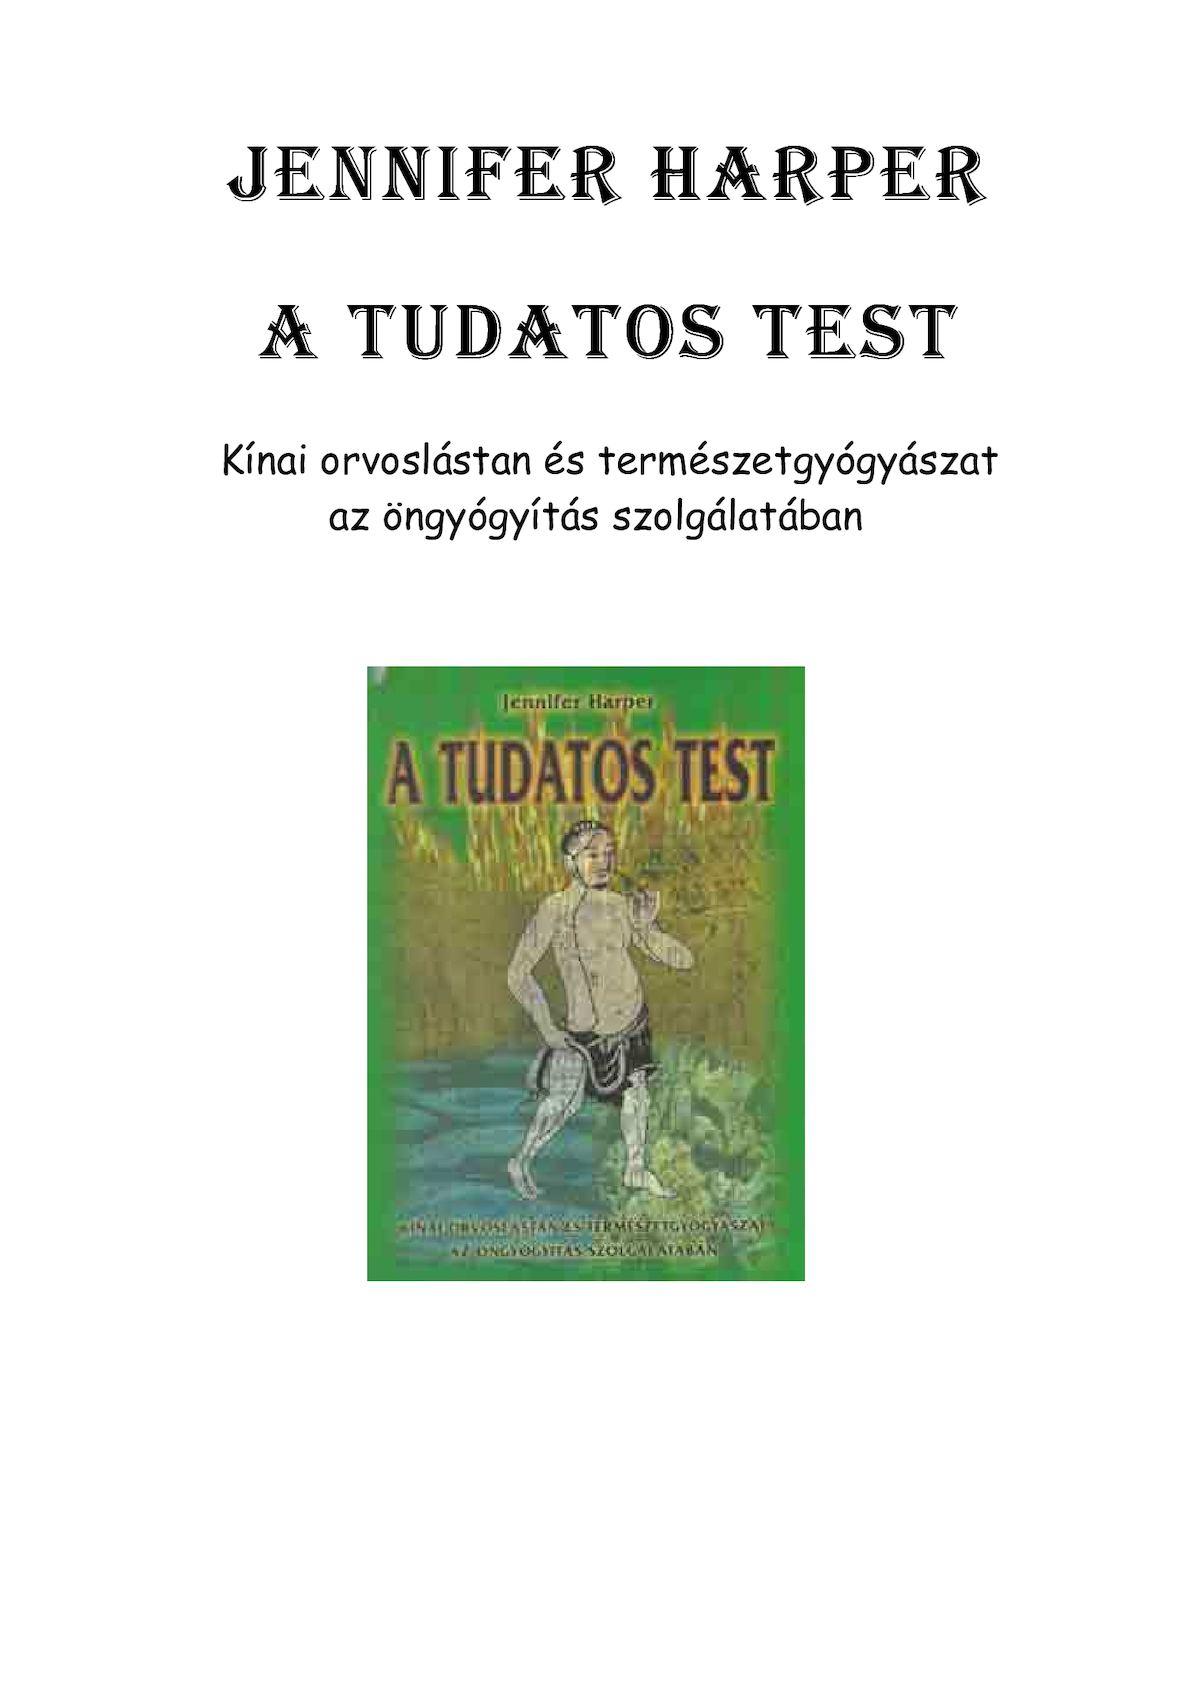 A parazita testének tisztítási módszere, Test parazita megtisztítása